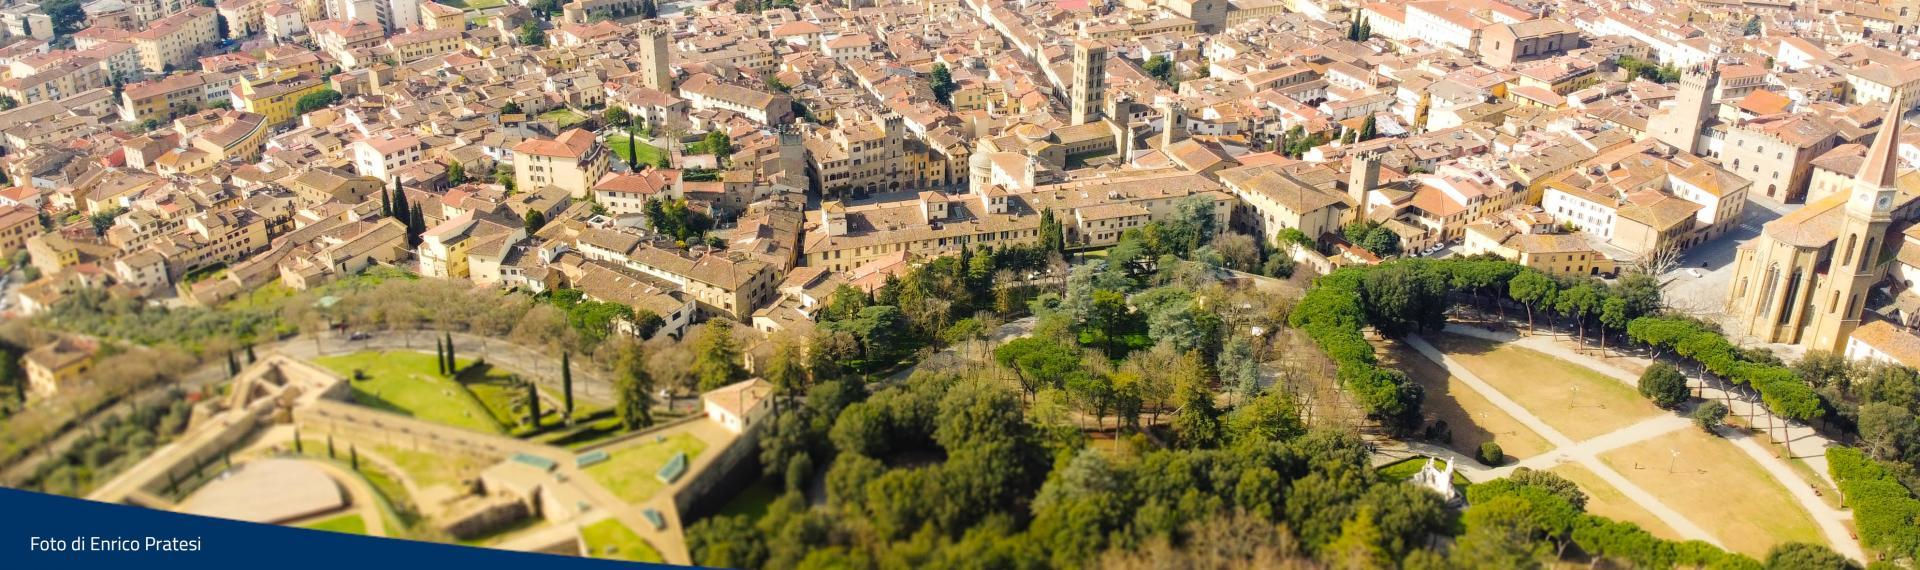 Vista aerea centro storico di Arezzo